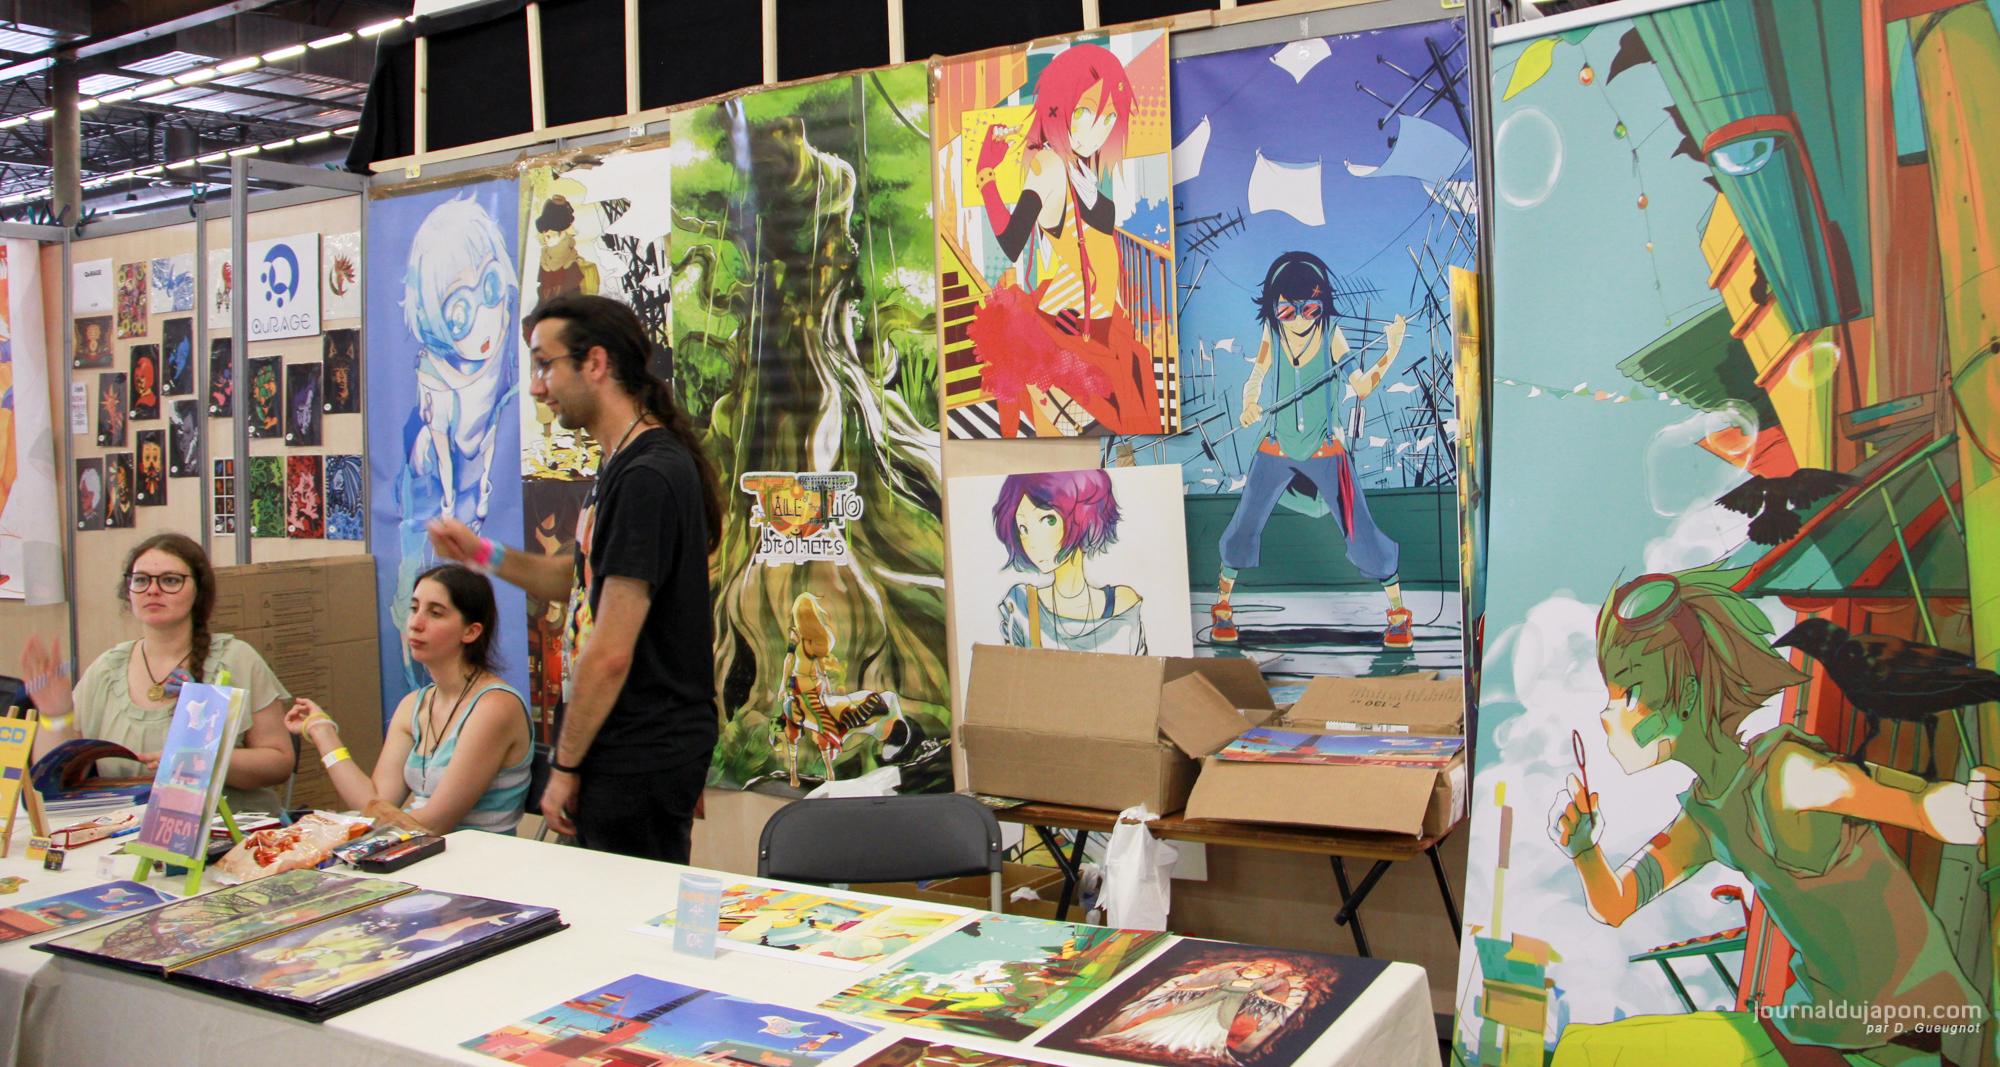 Stands Japan Expo 2015 : Japan expo dans l œil du visiteur